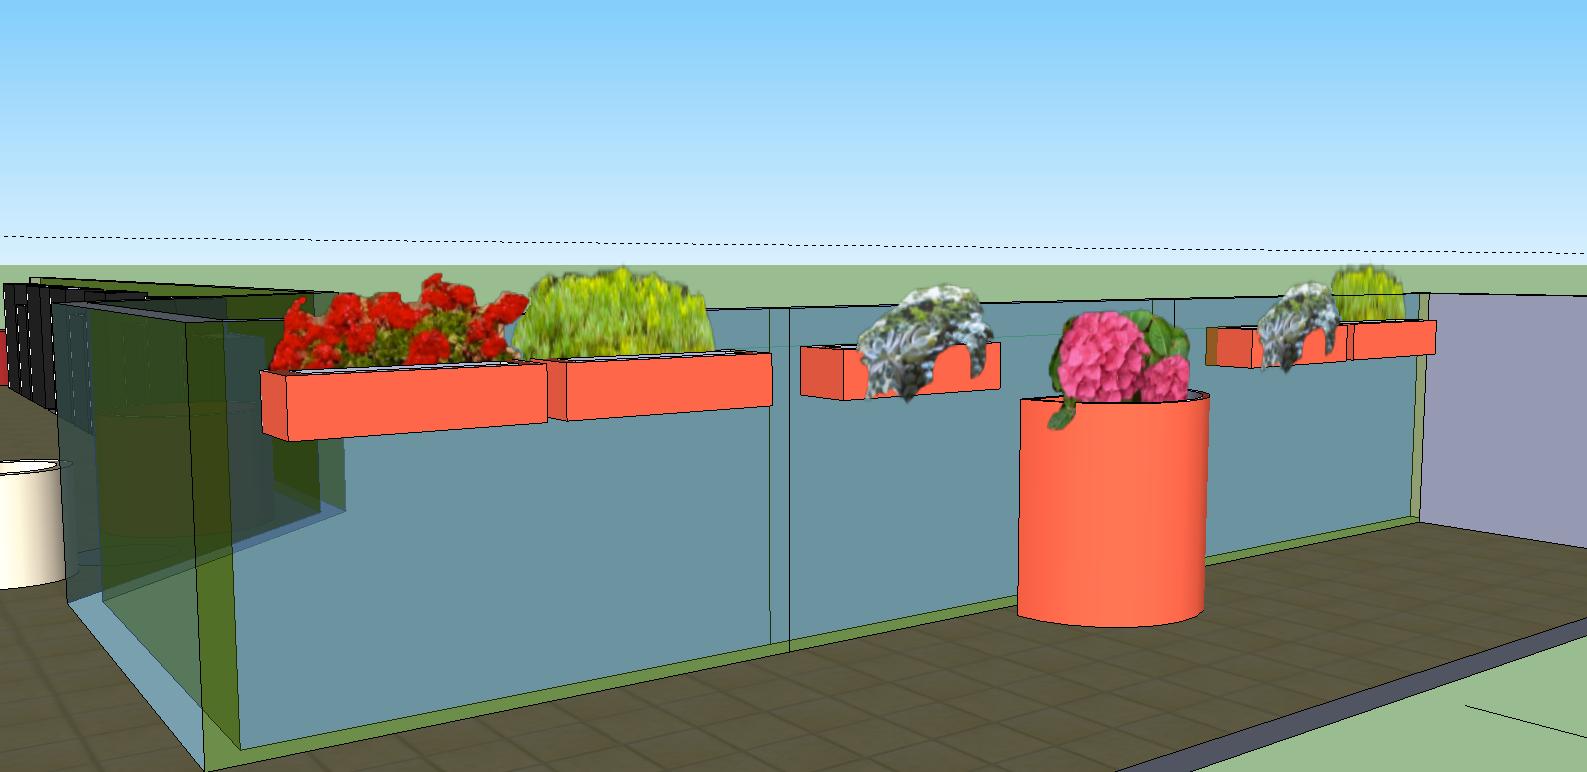 Le essenziali realizzazione impianto d 39 irrigazione a for Temporizzatore per irrigazione